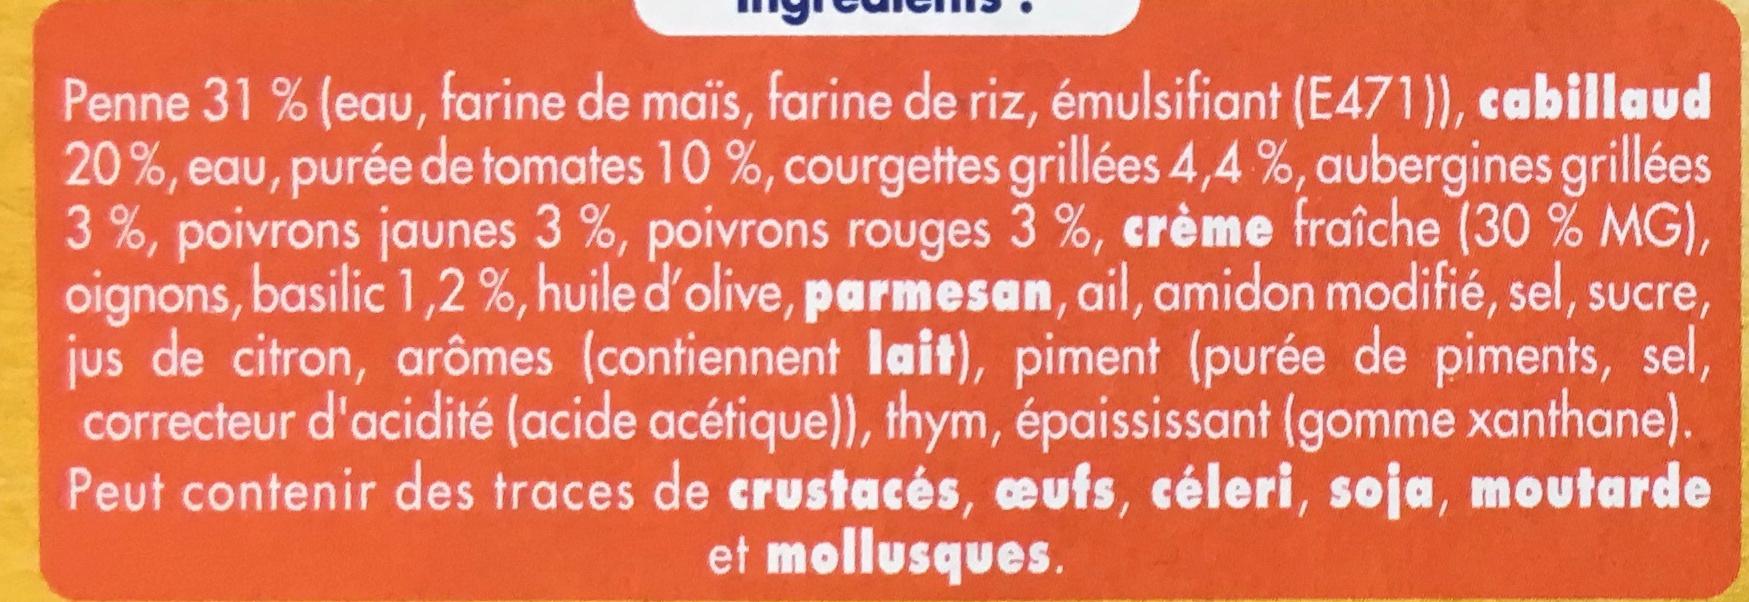 Cabillaud Pennes au basilic et sa compotée à la provençale (2,3% MG) - Ingredients - fr